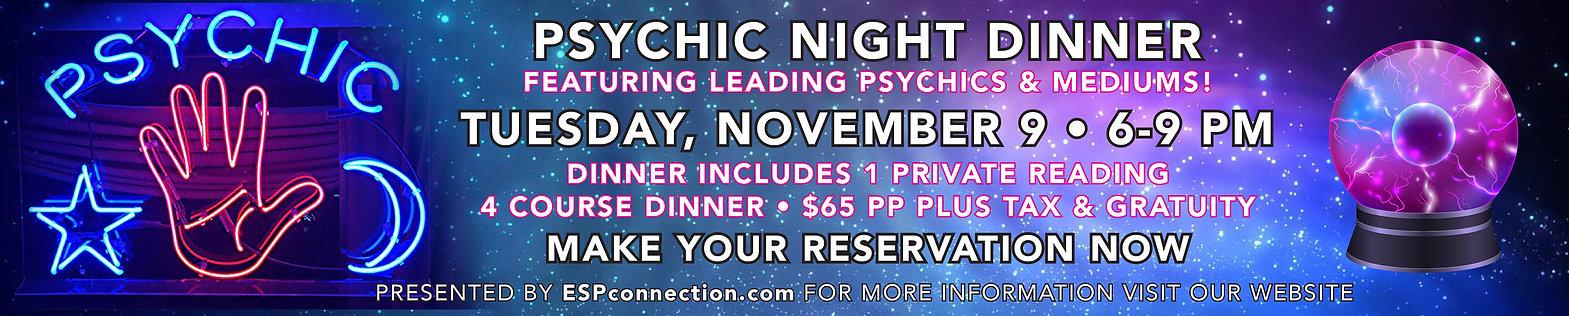 Passione_psychic_Nov-01.jpg